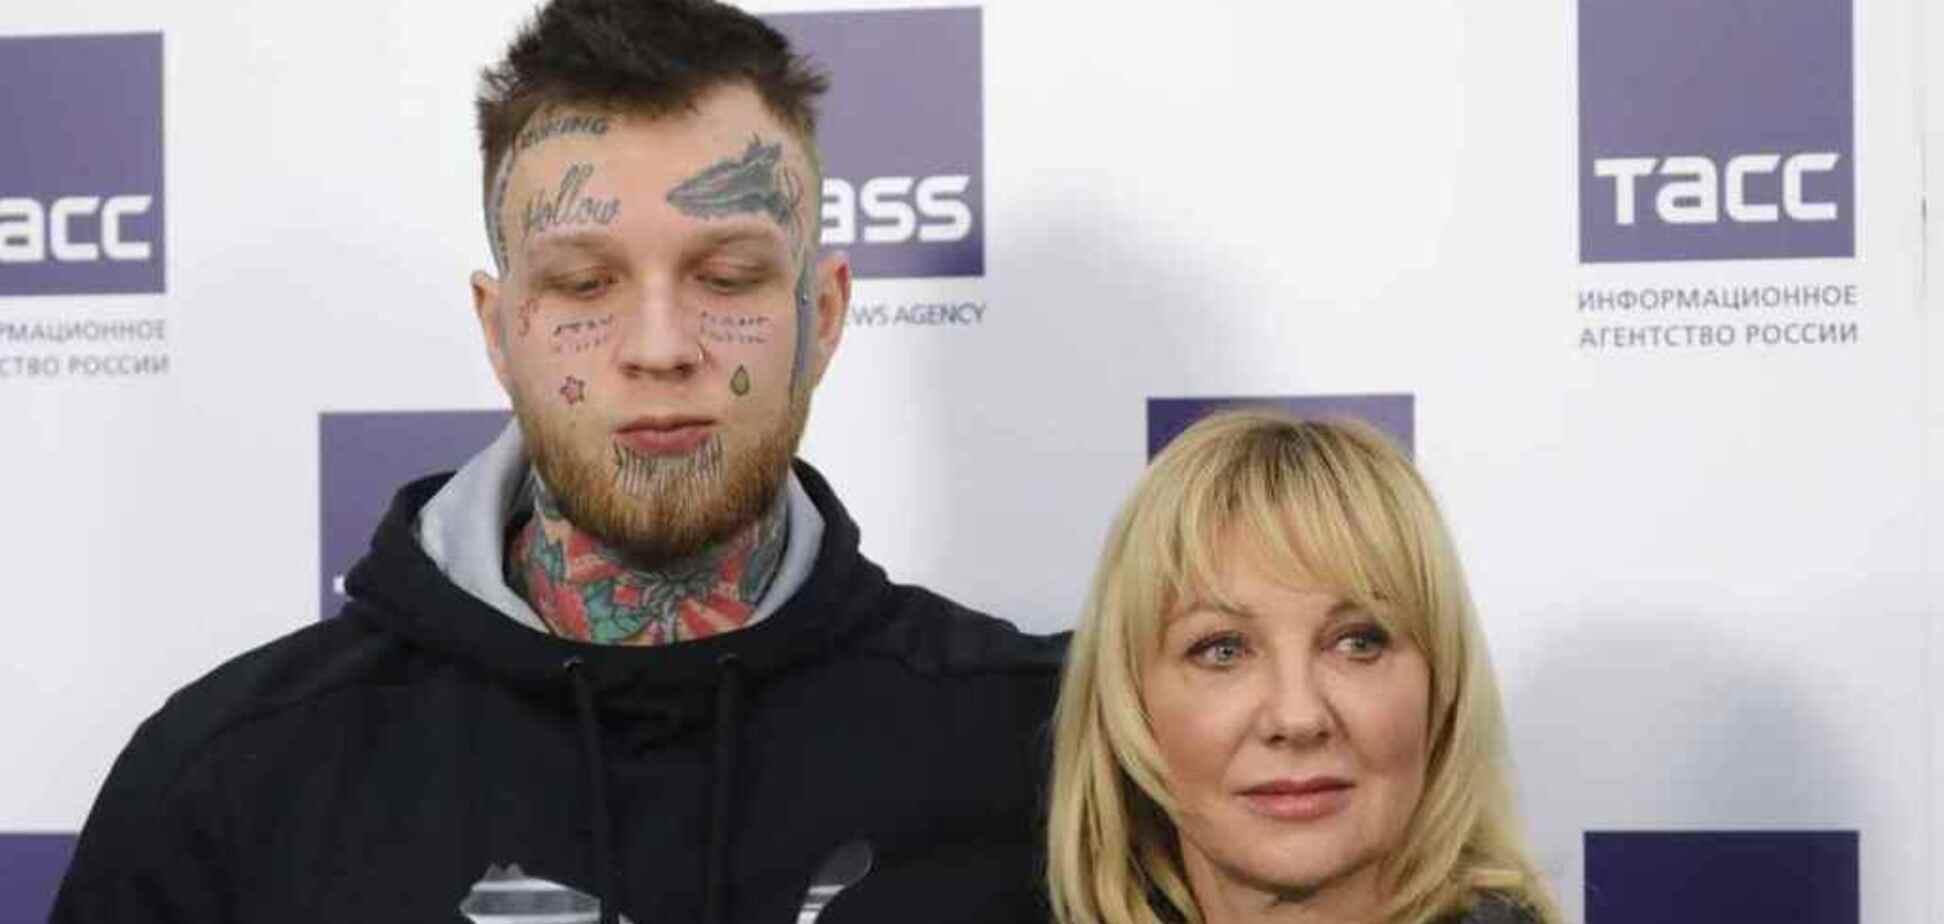 Сын запрещенной в Украине Яковлевой показал обезображенное лицо: фото